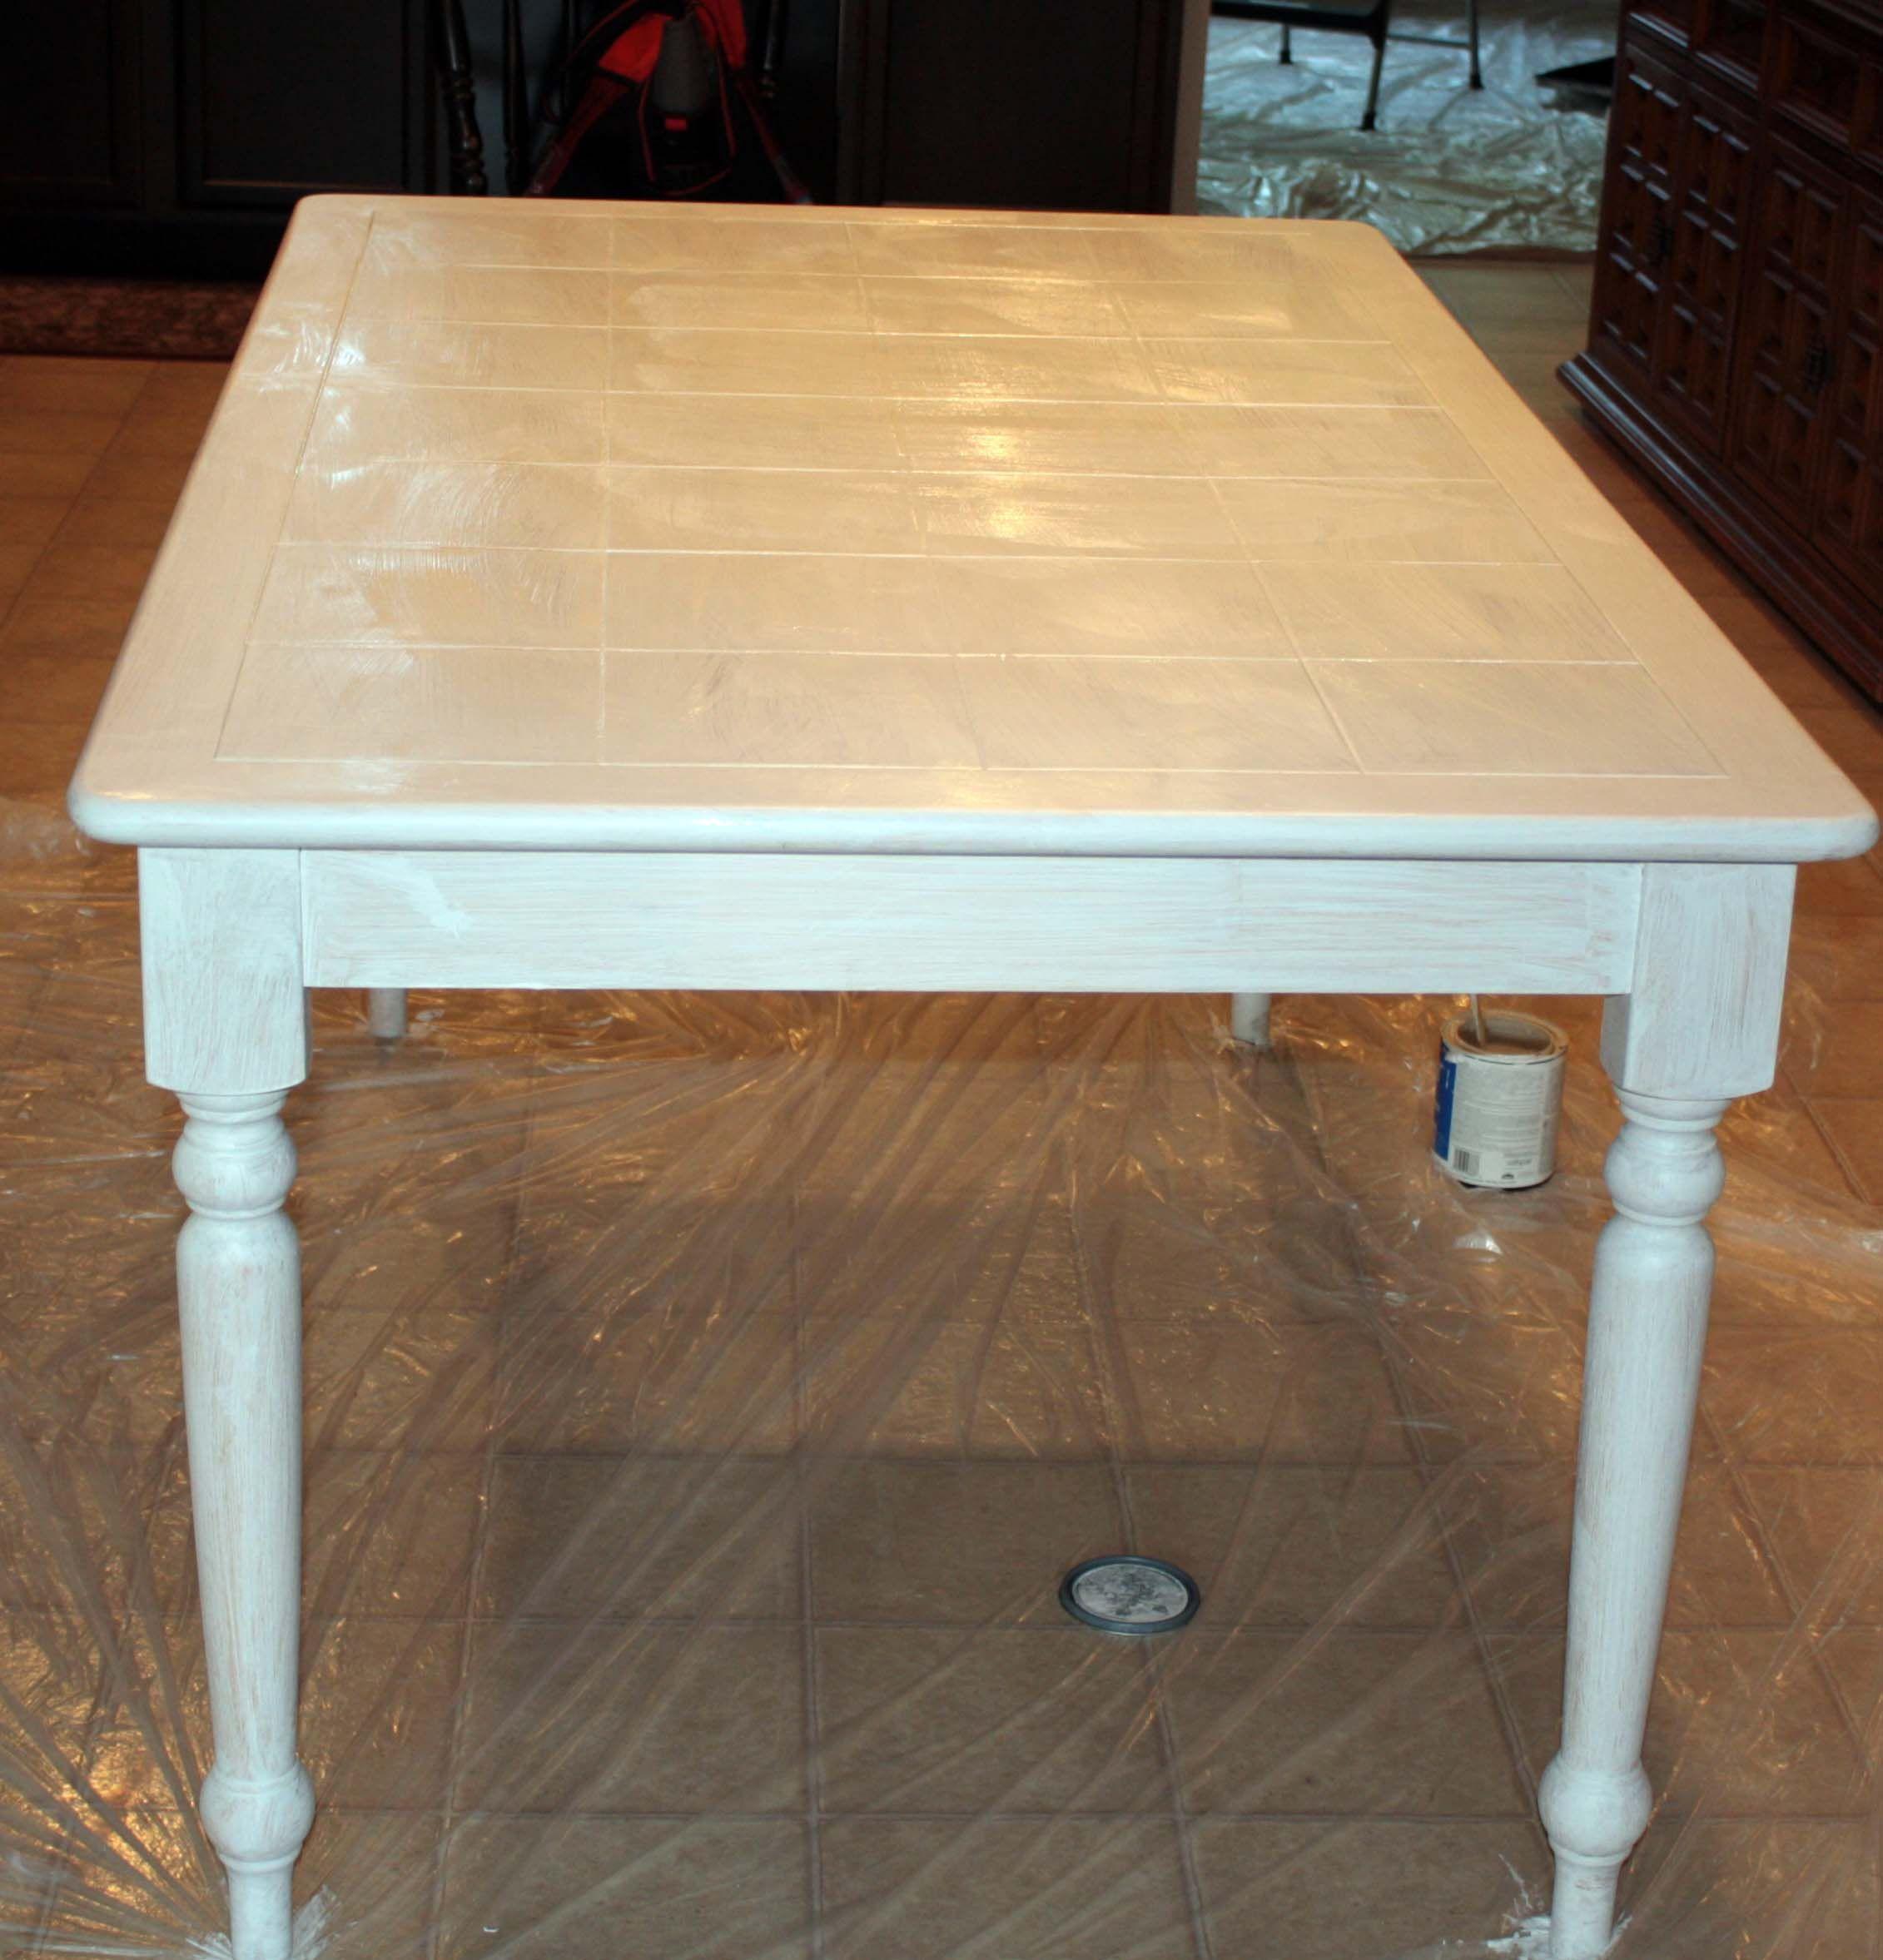 les 25 meilleures id es de la cat gorie tables en carrelage en exclusivit sur pinterest. Black Bedroom Furniture Sets. Home Design Ideas